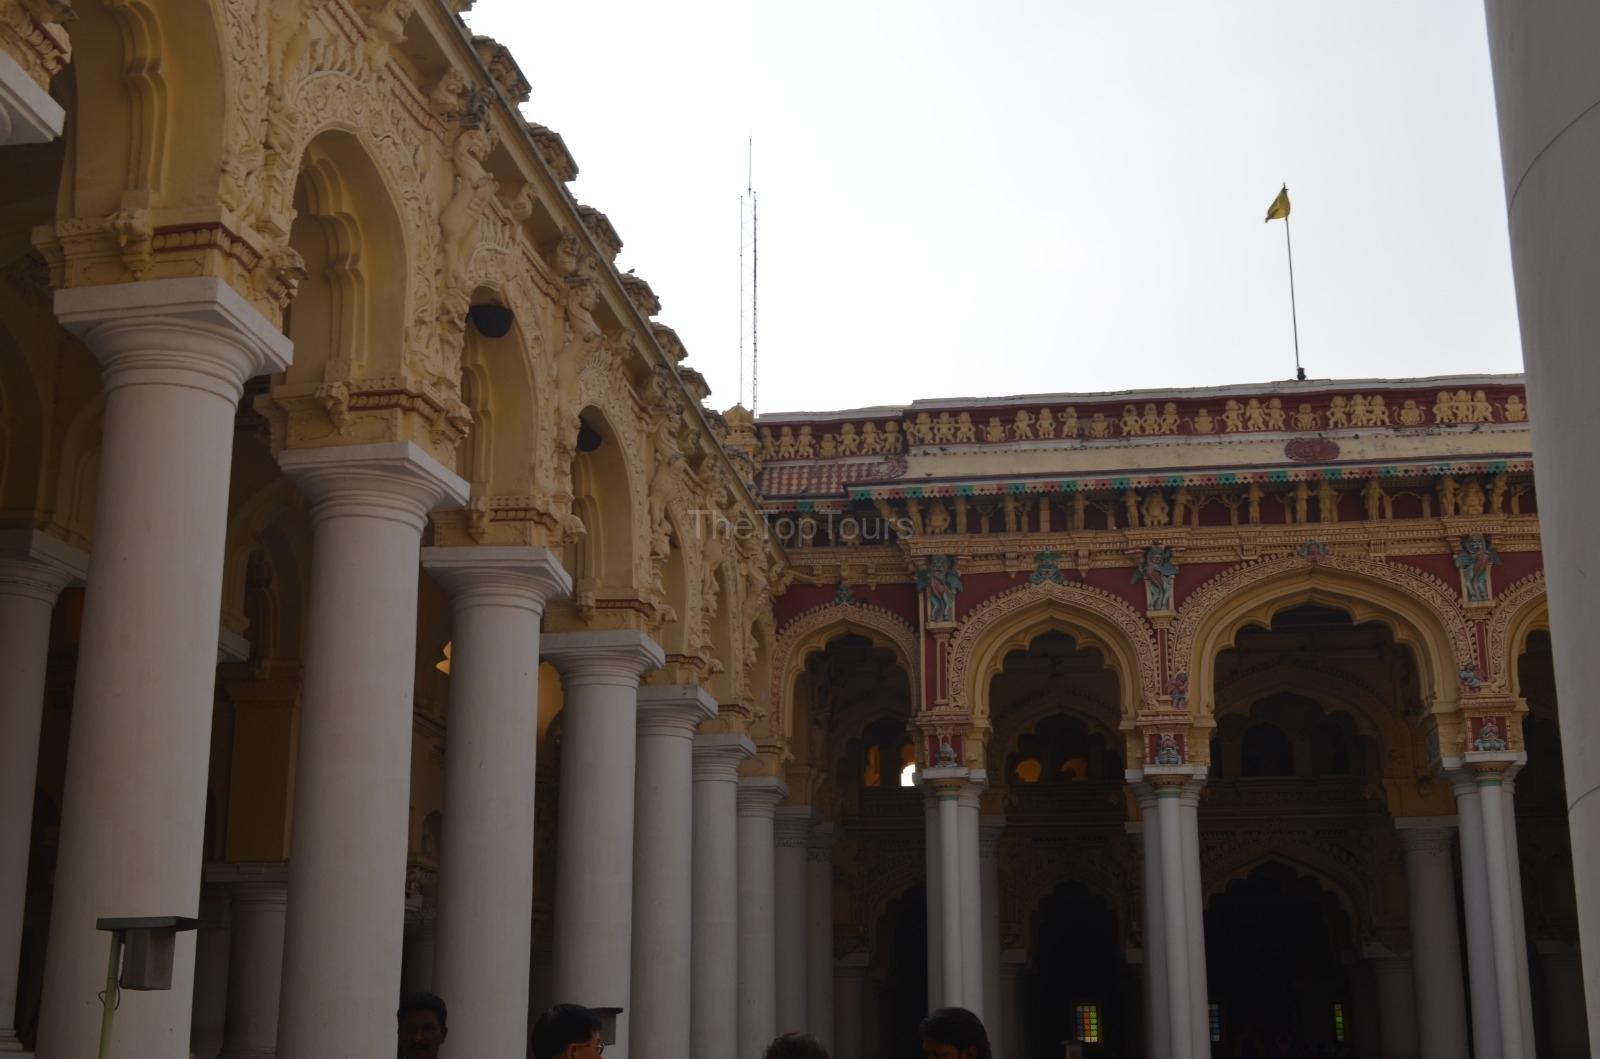 Thirumalai Nayakar Mahal, Madurai Palace Heritage Structure, Tamilnadu